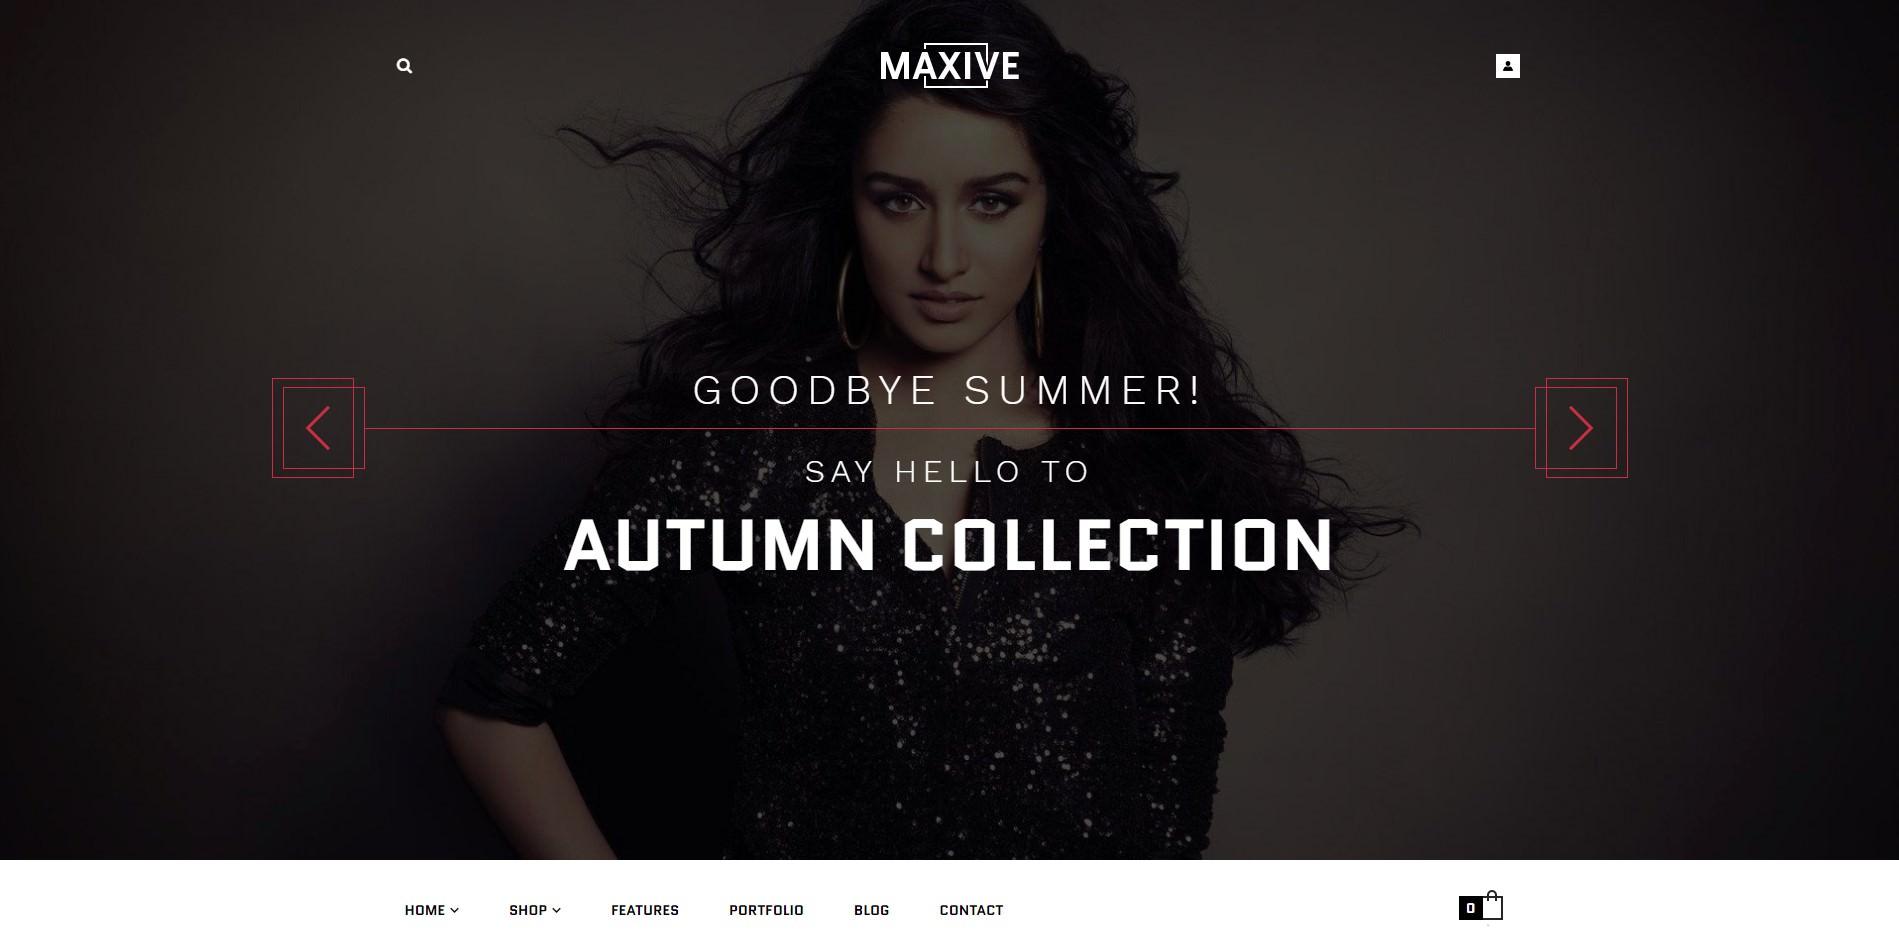 Maxive theme